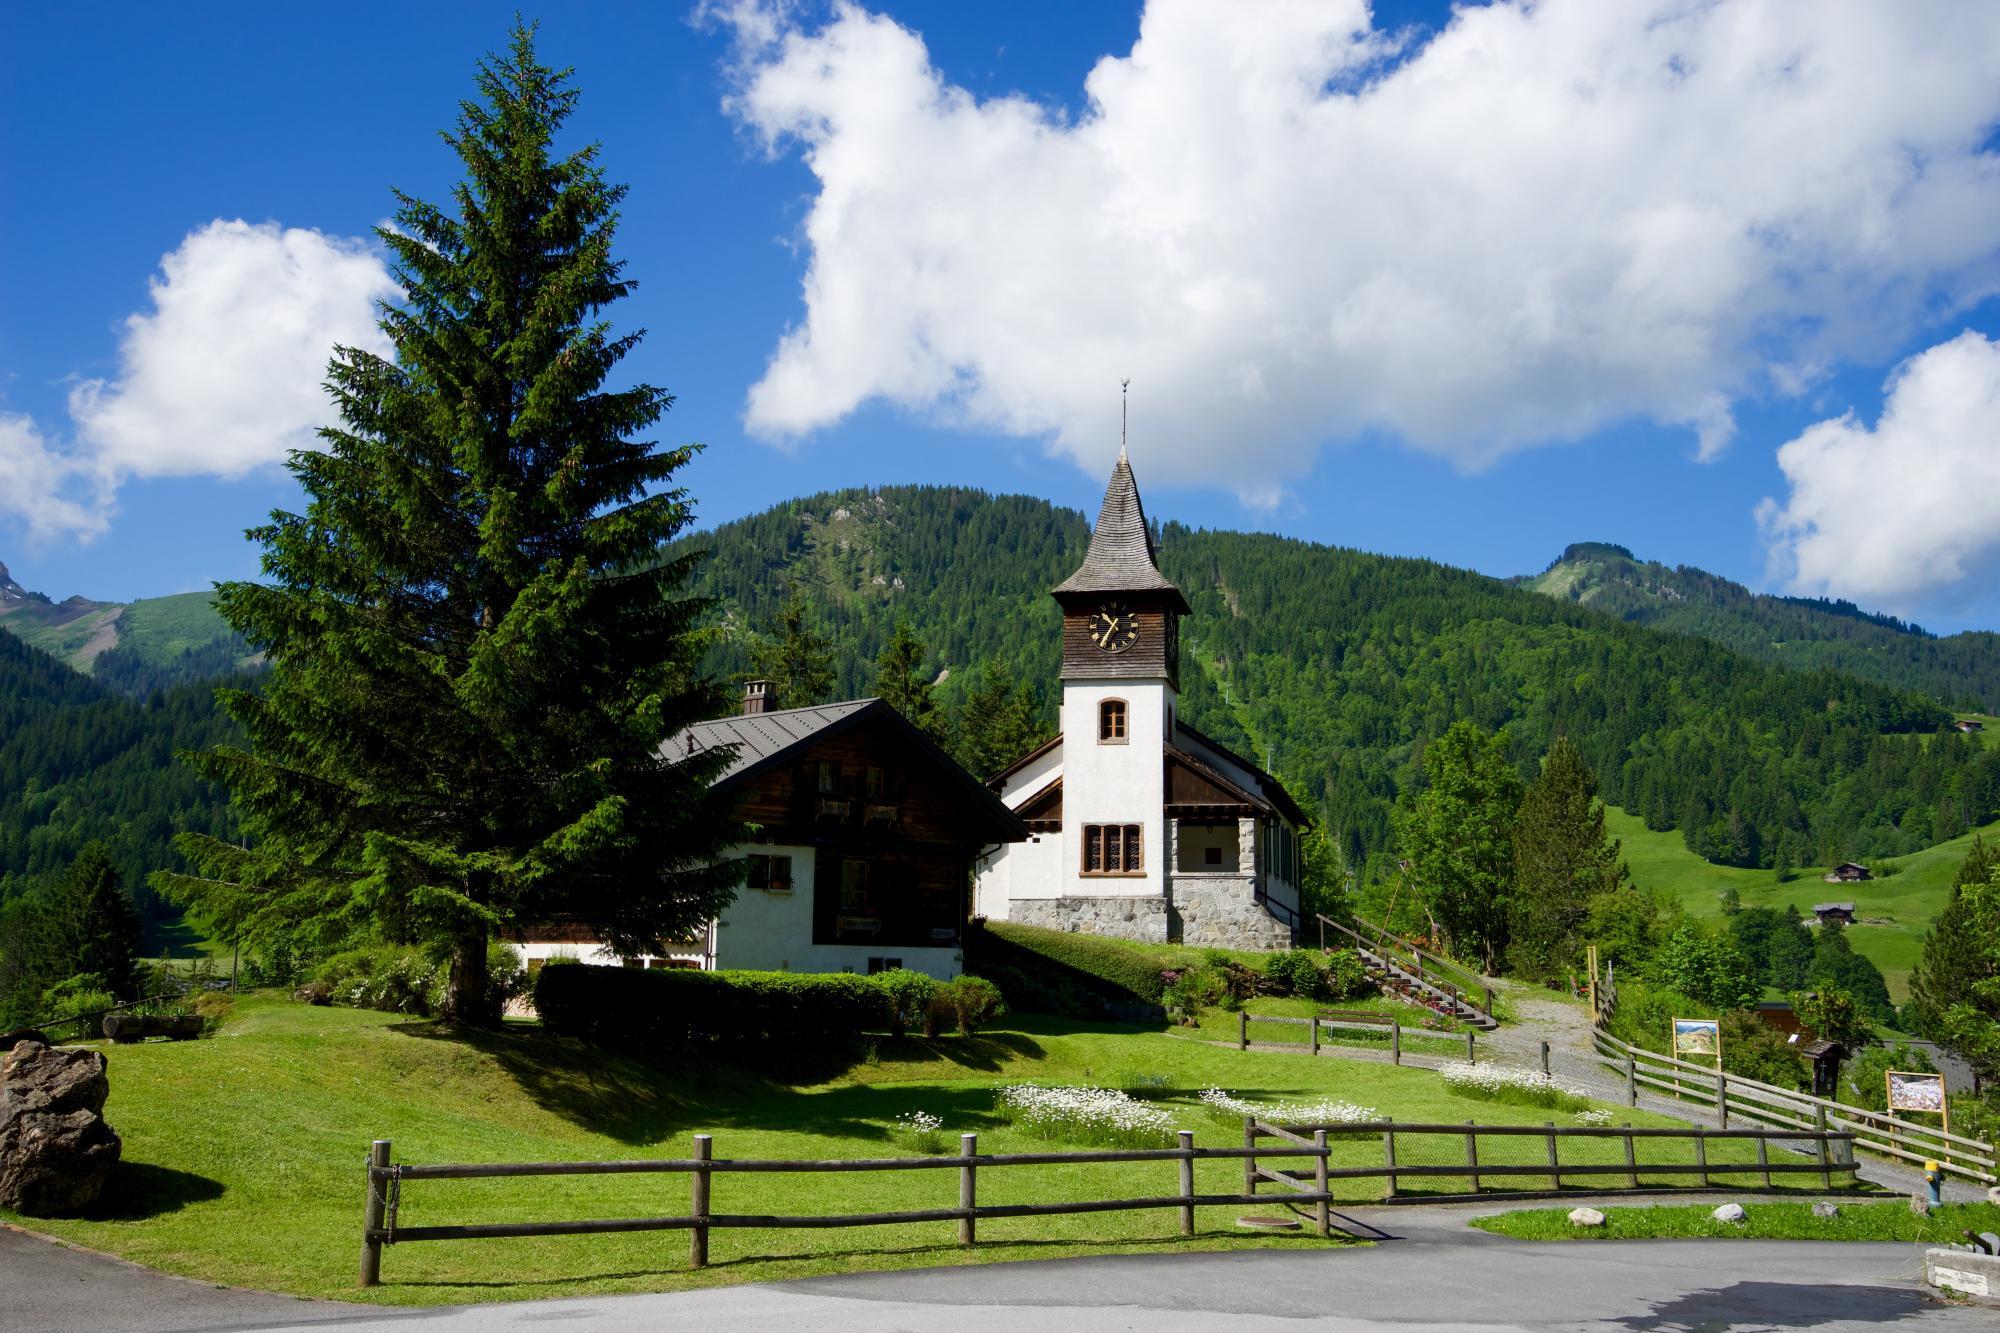 F te de l 39 eglise des diablerets villars gryon les diablerets bex suisse - Office tourisme diablerets ...